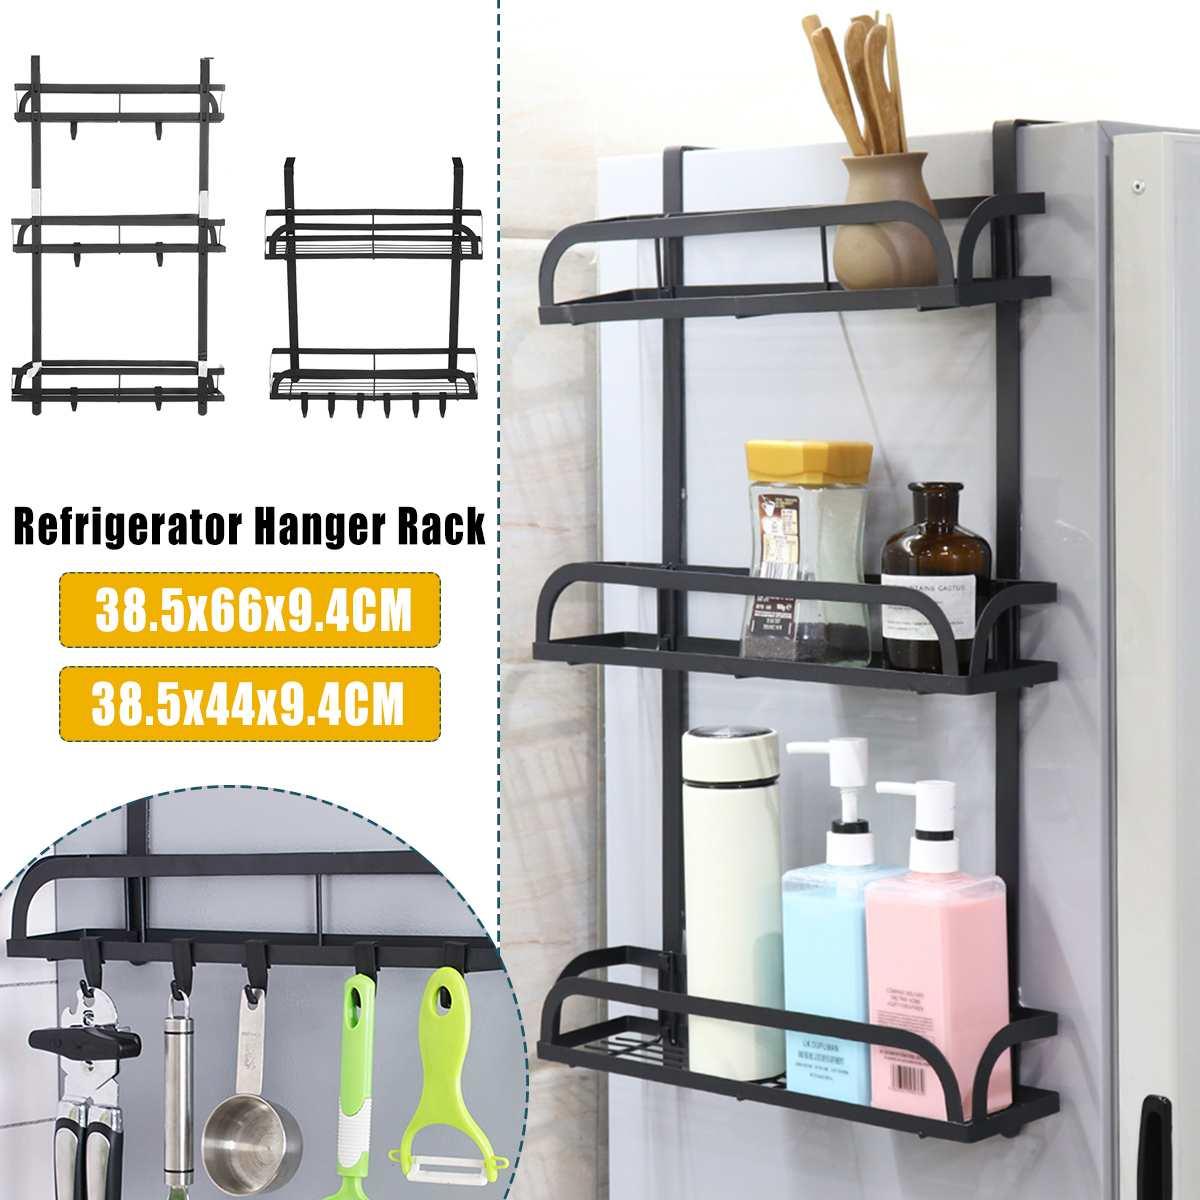 Estante lateral para refrigerador adsorción, soporte de almacenamiento de cocina multifunción montado en la pared, estante organizador para toallas de papel